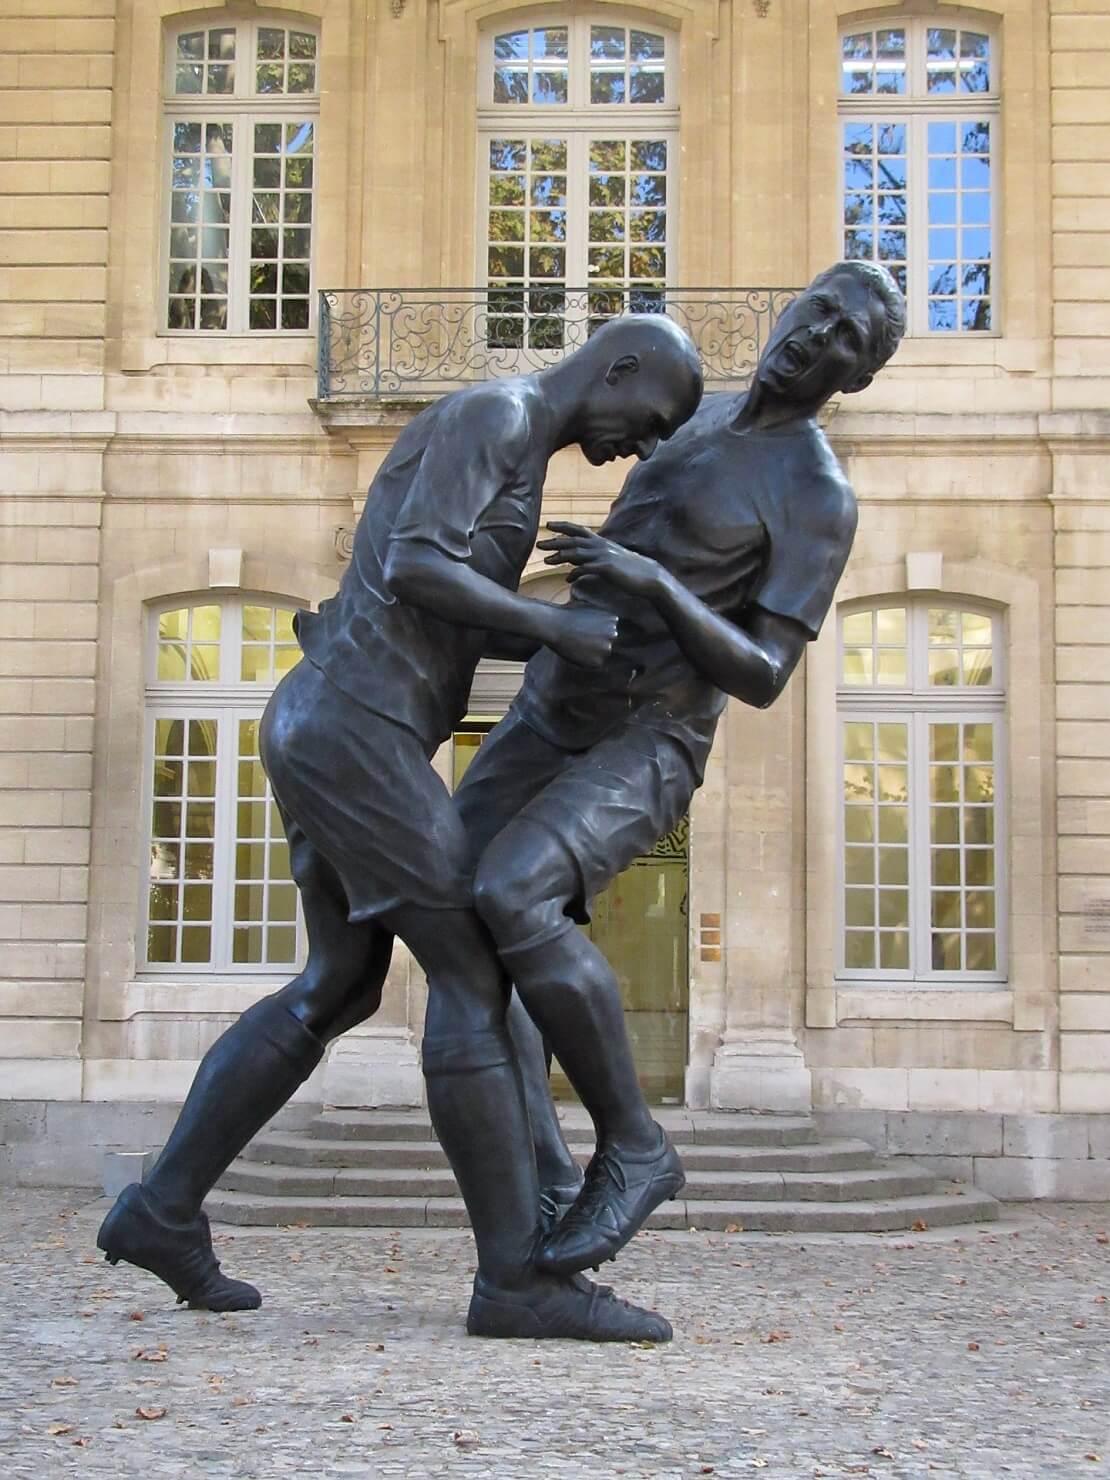 Zidanes Kopfstoß statuiert